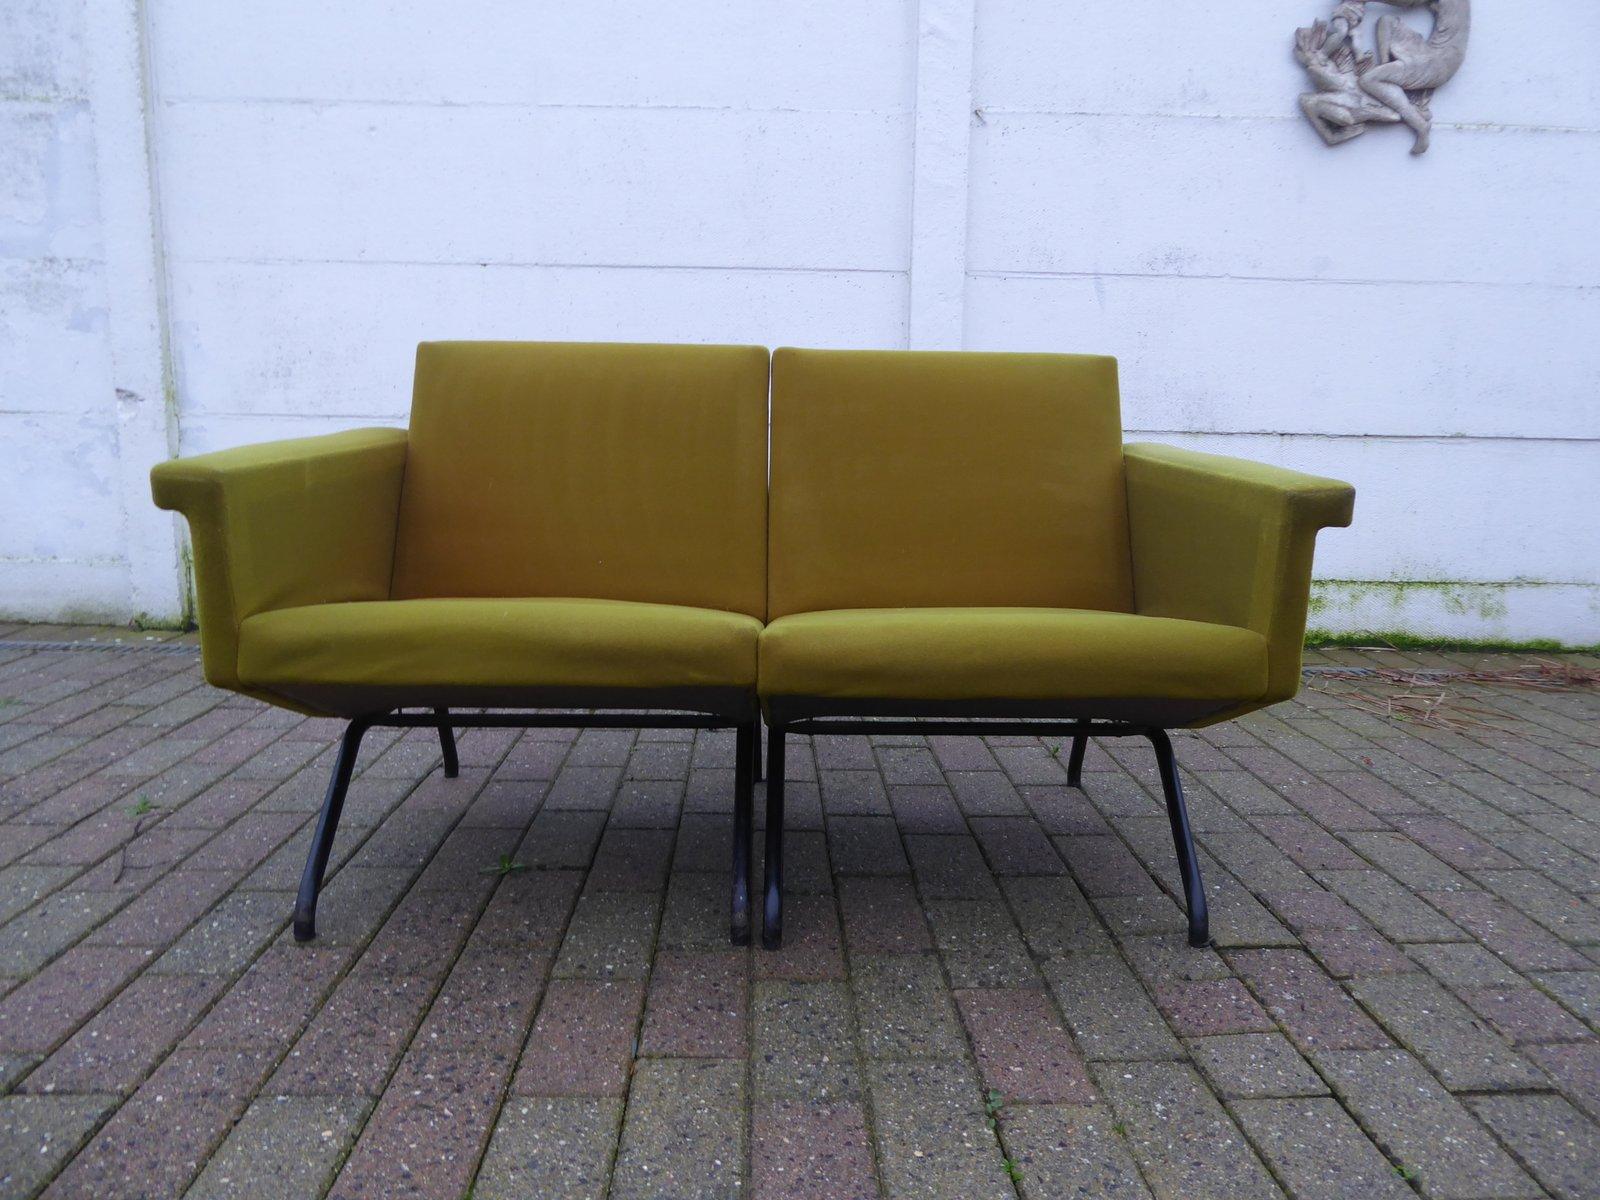 modulares zwei sitzer sofa von pierre guariche f r airborne 1960er bei pamono kaufen. Black Bedroom Furniture Sets. Home Design Ideas